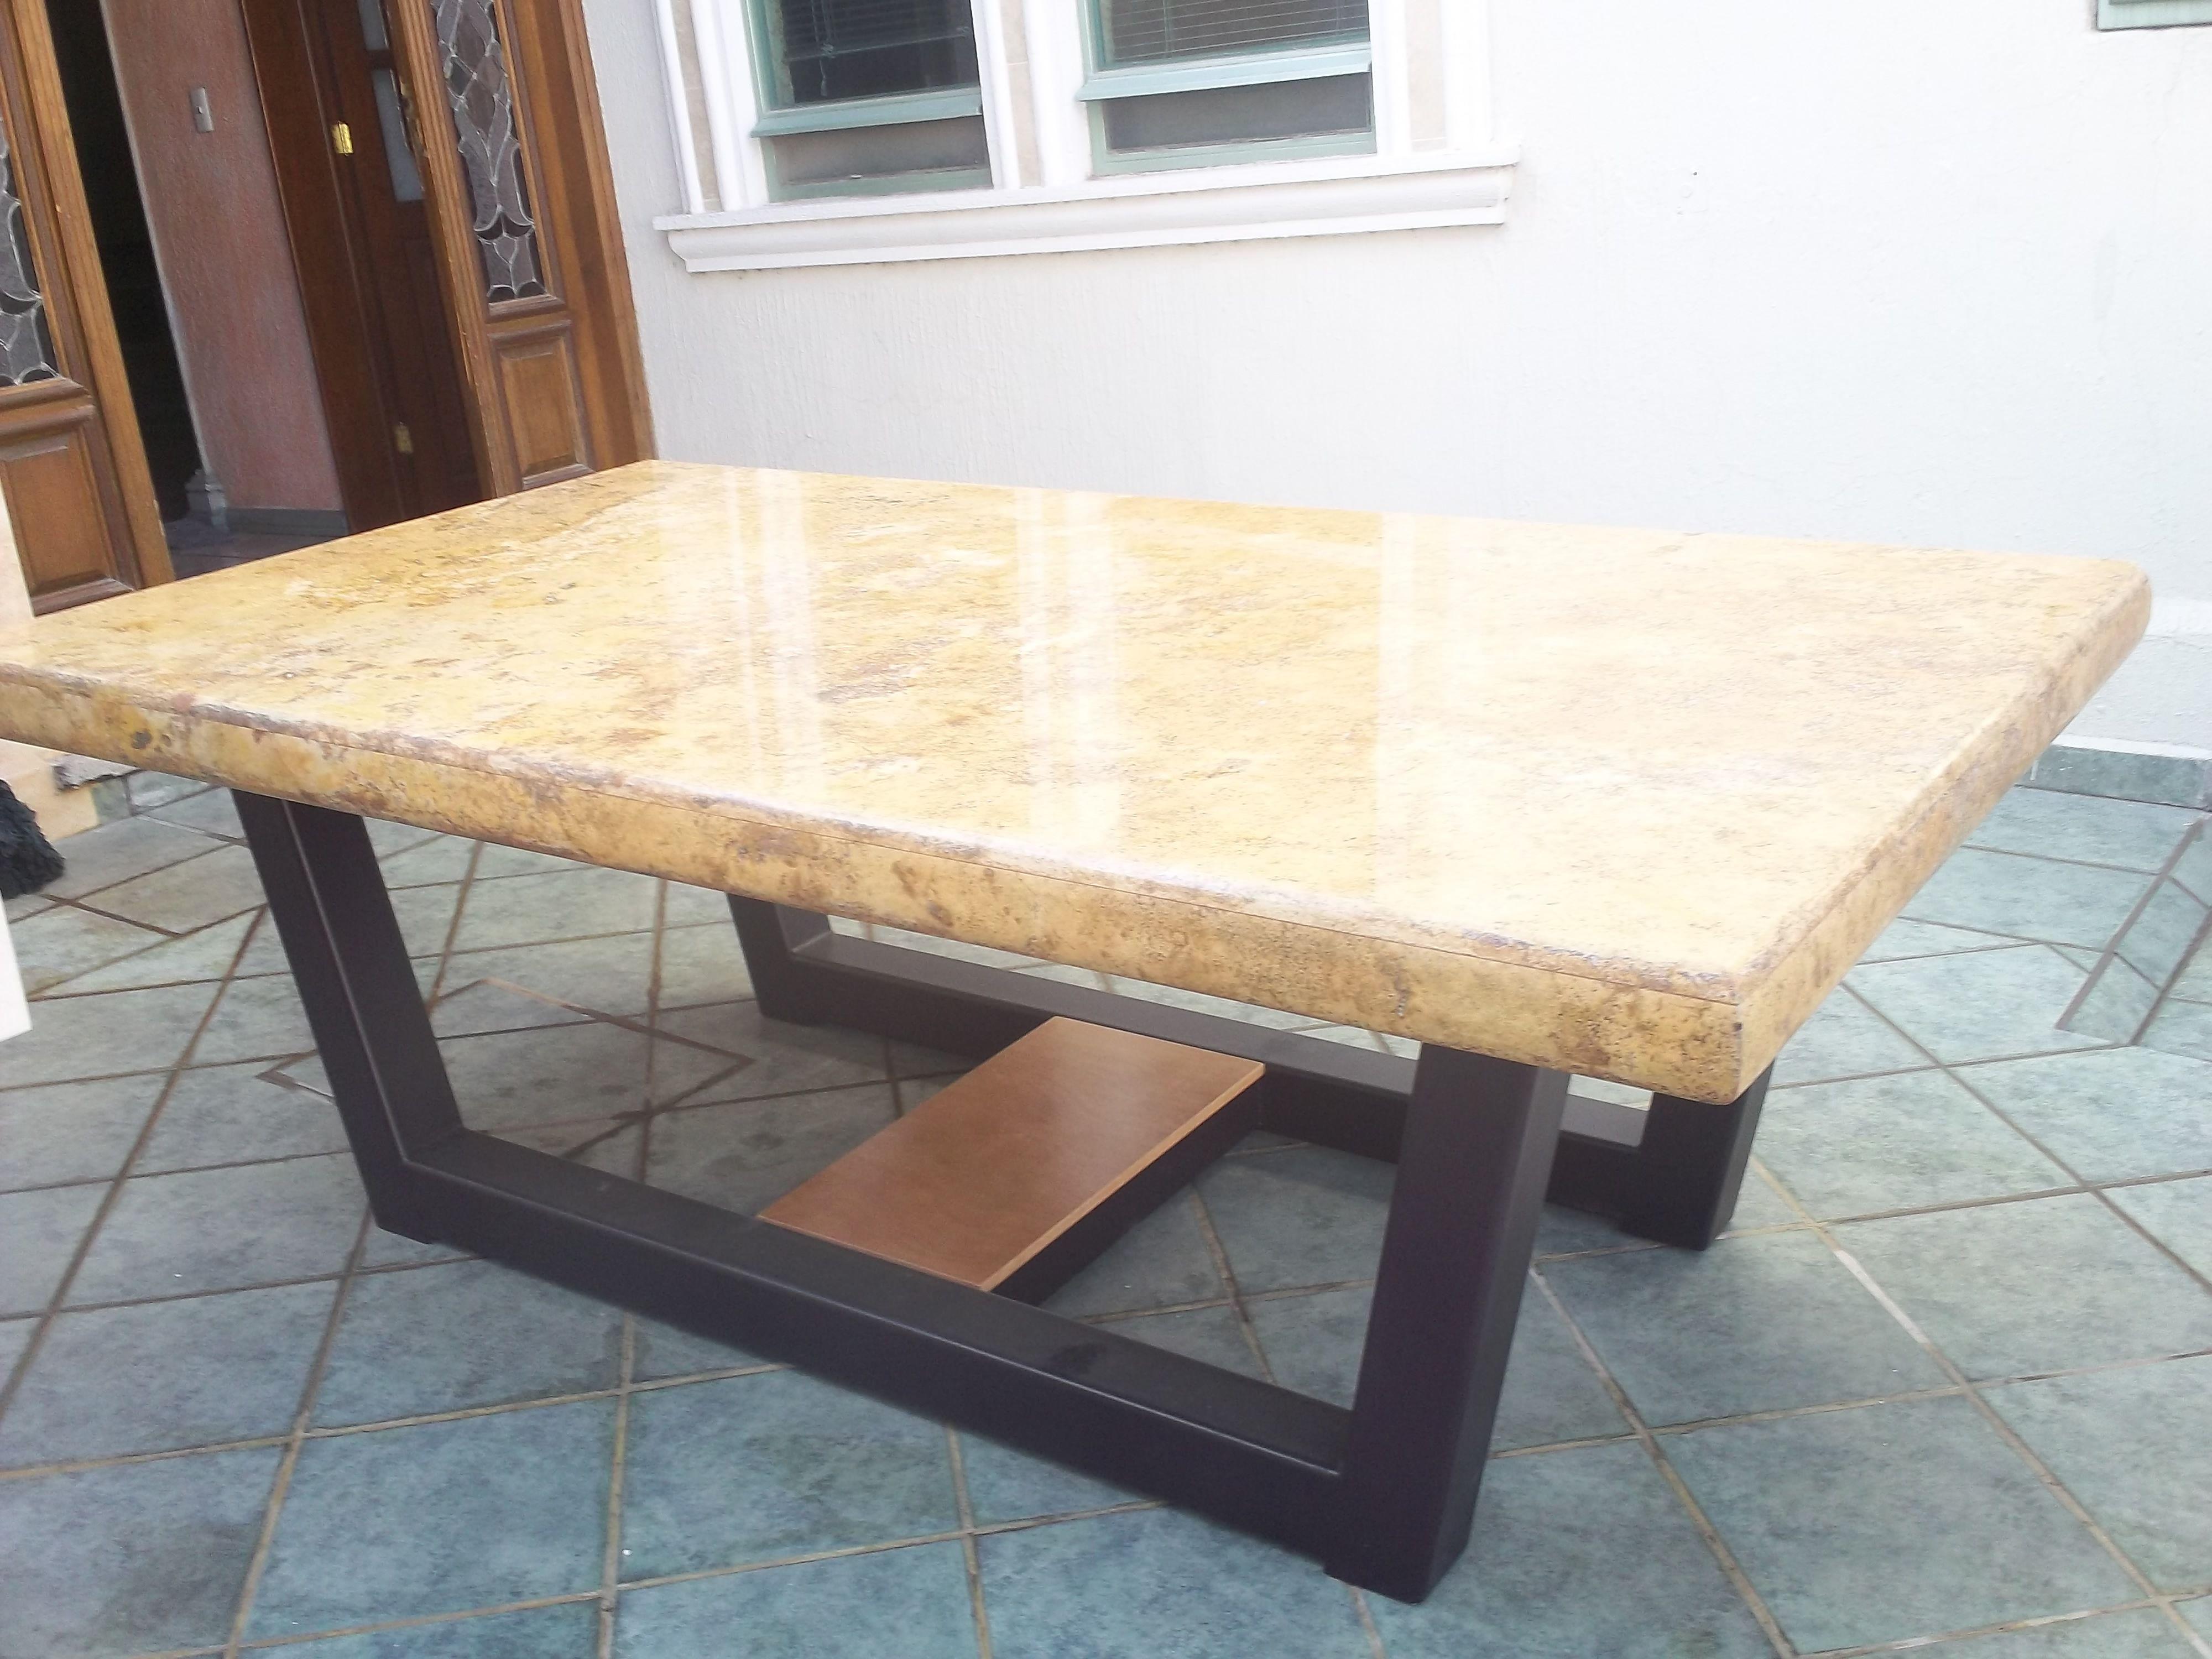 mesa de mármol 260 x 140 x 2 cms una sola placa, con base metálica ...